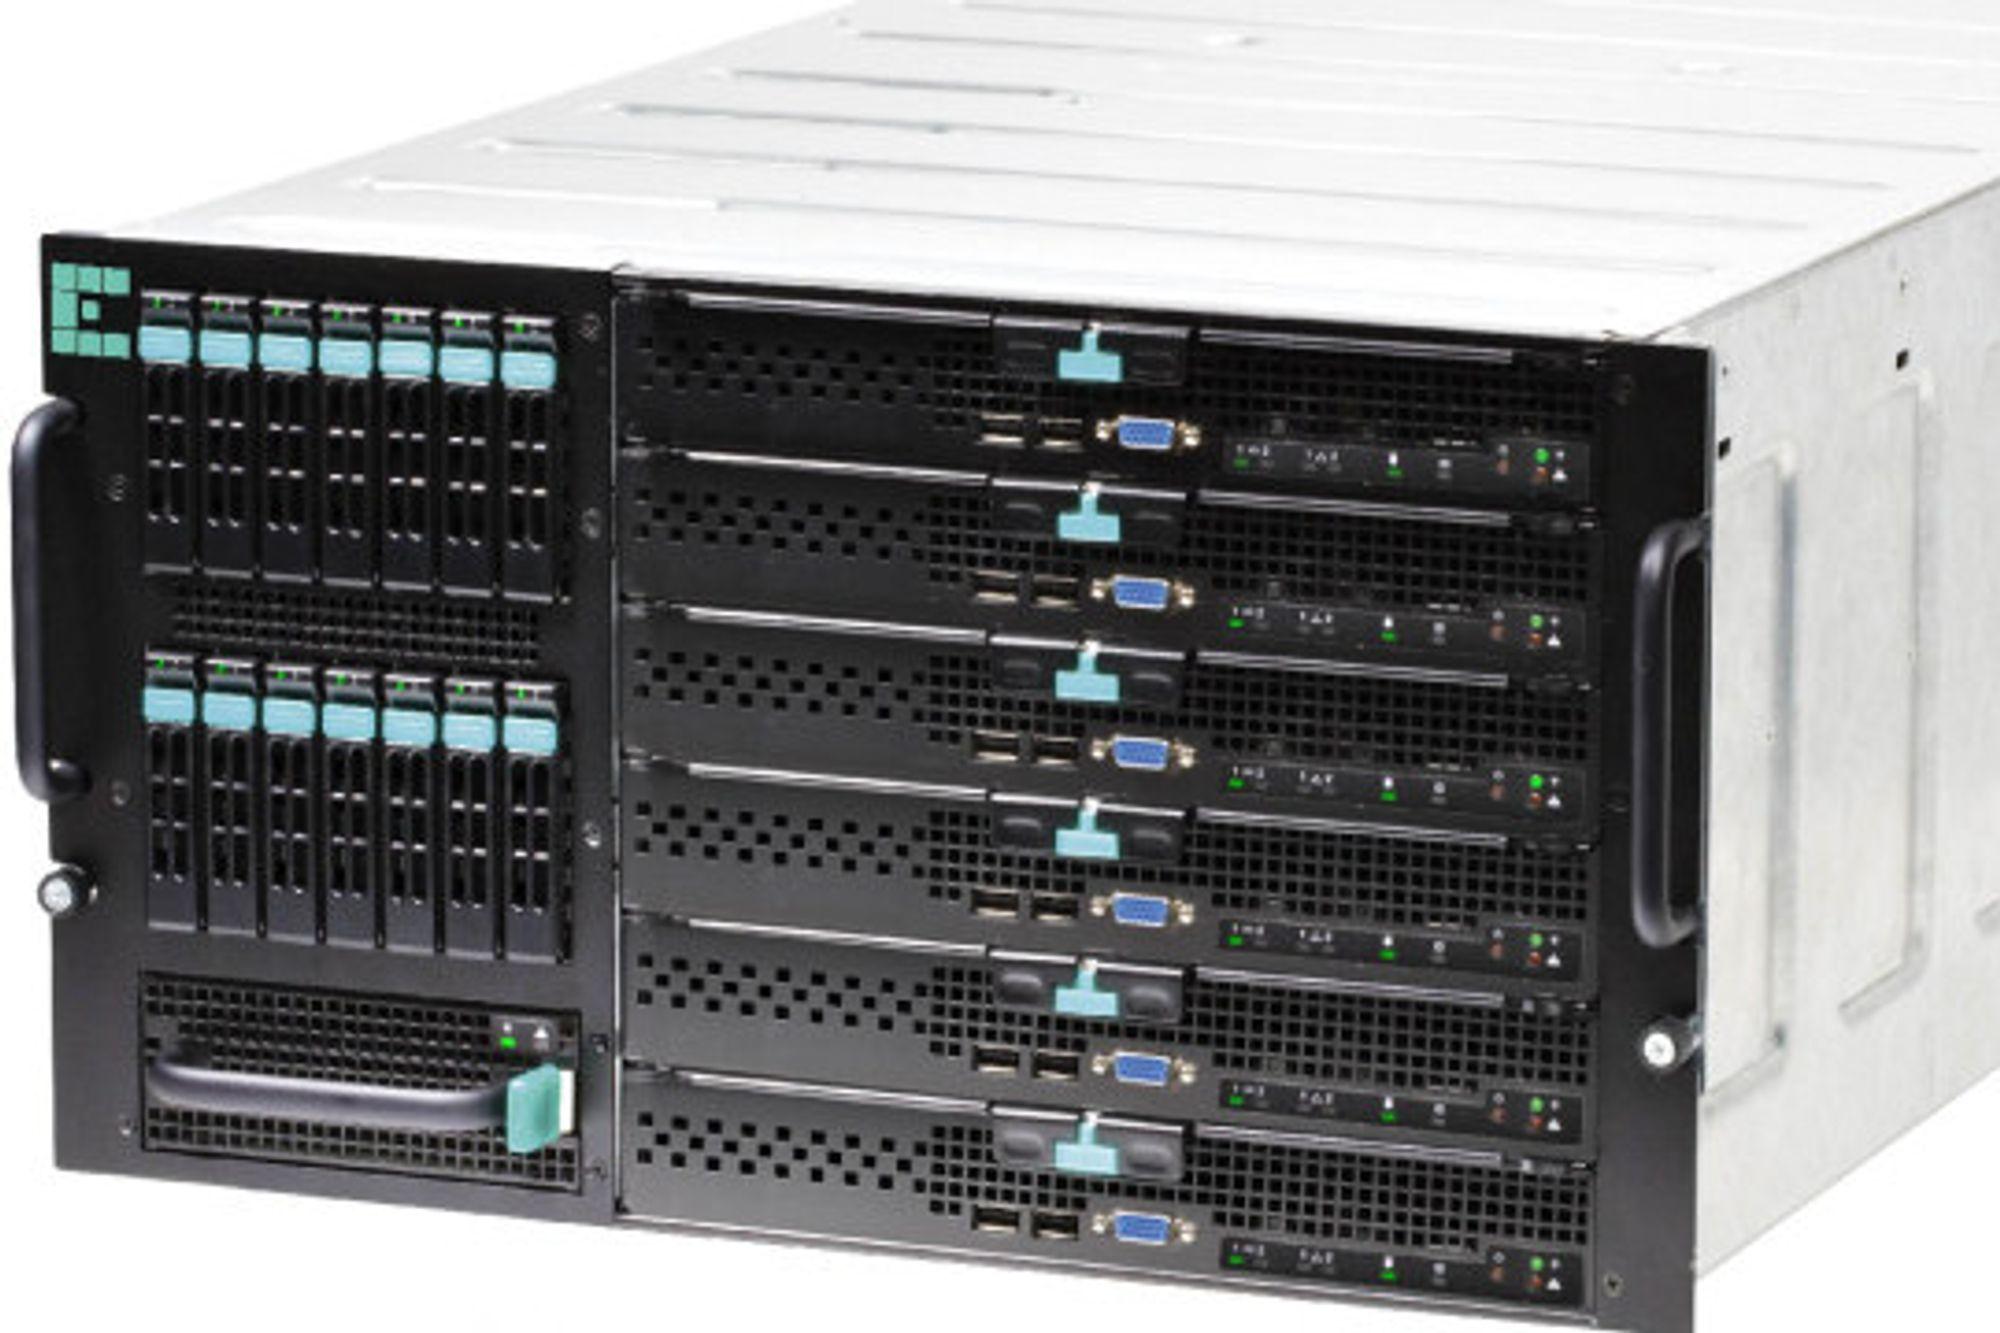 Intel leverer kasse og hovedkort